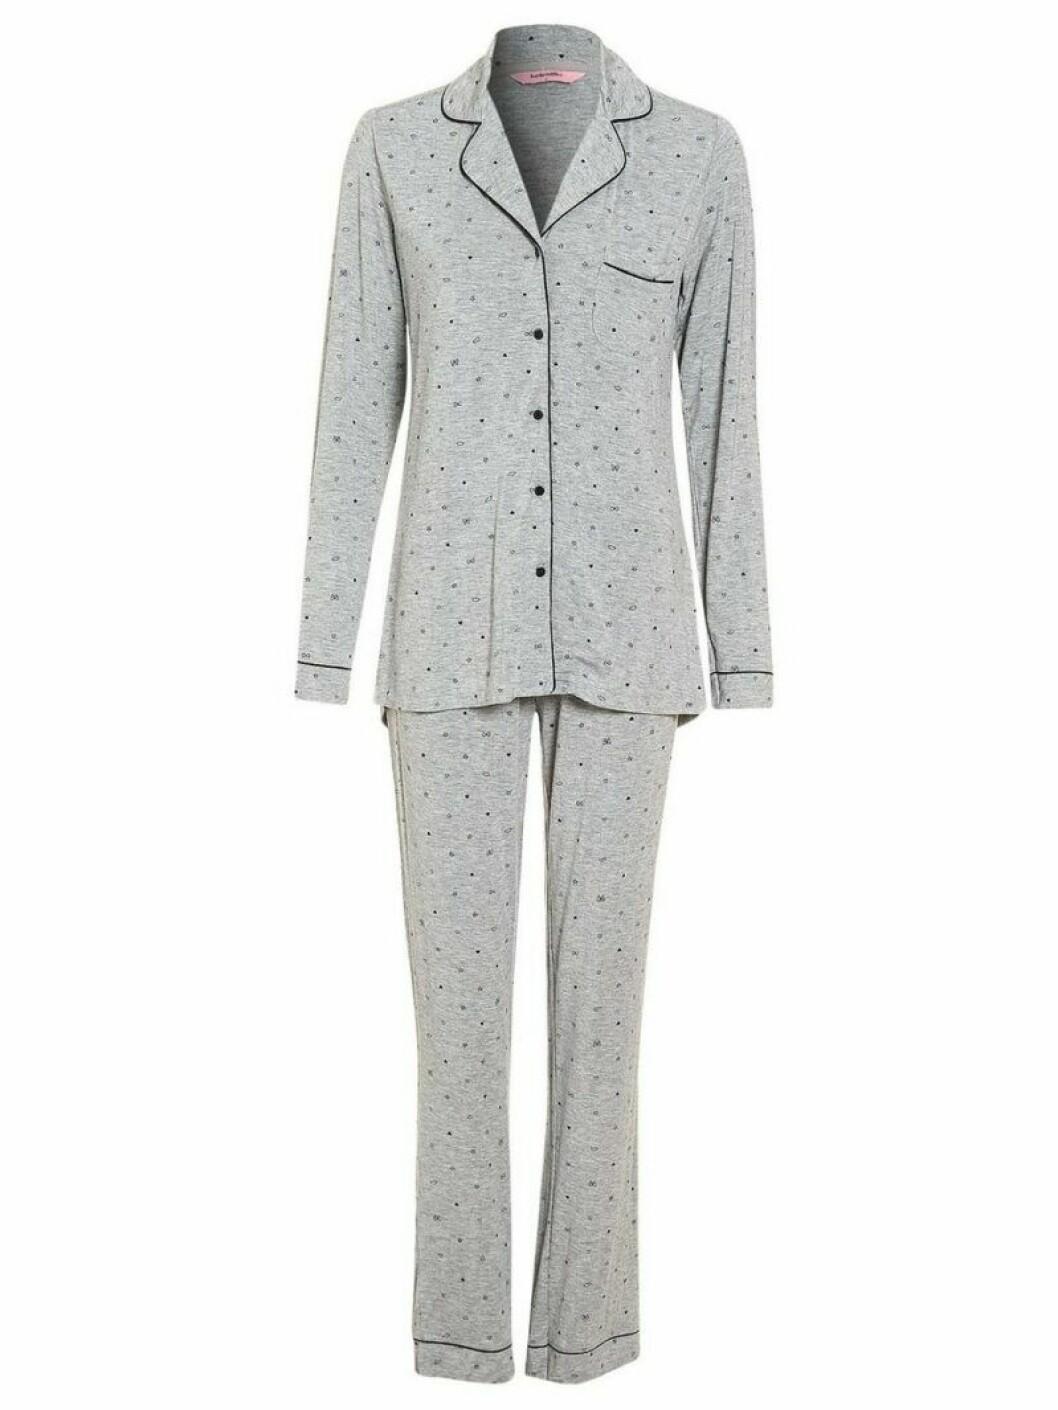 Grå pyjamas från Hunkemöller